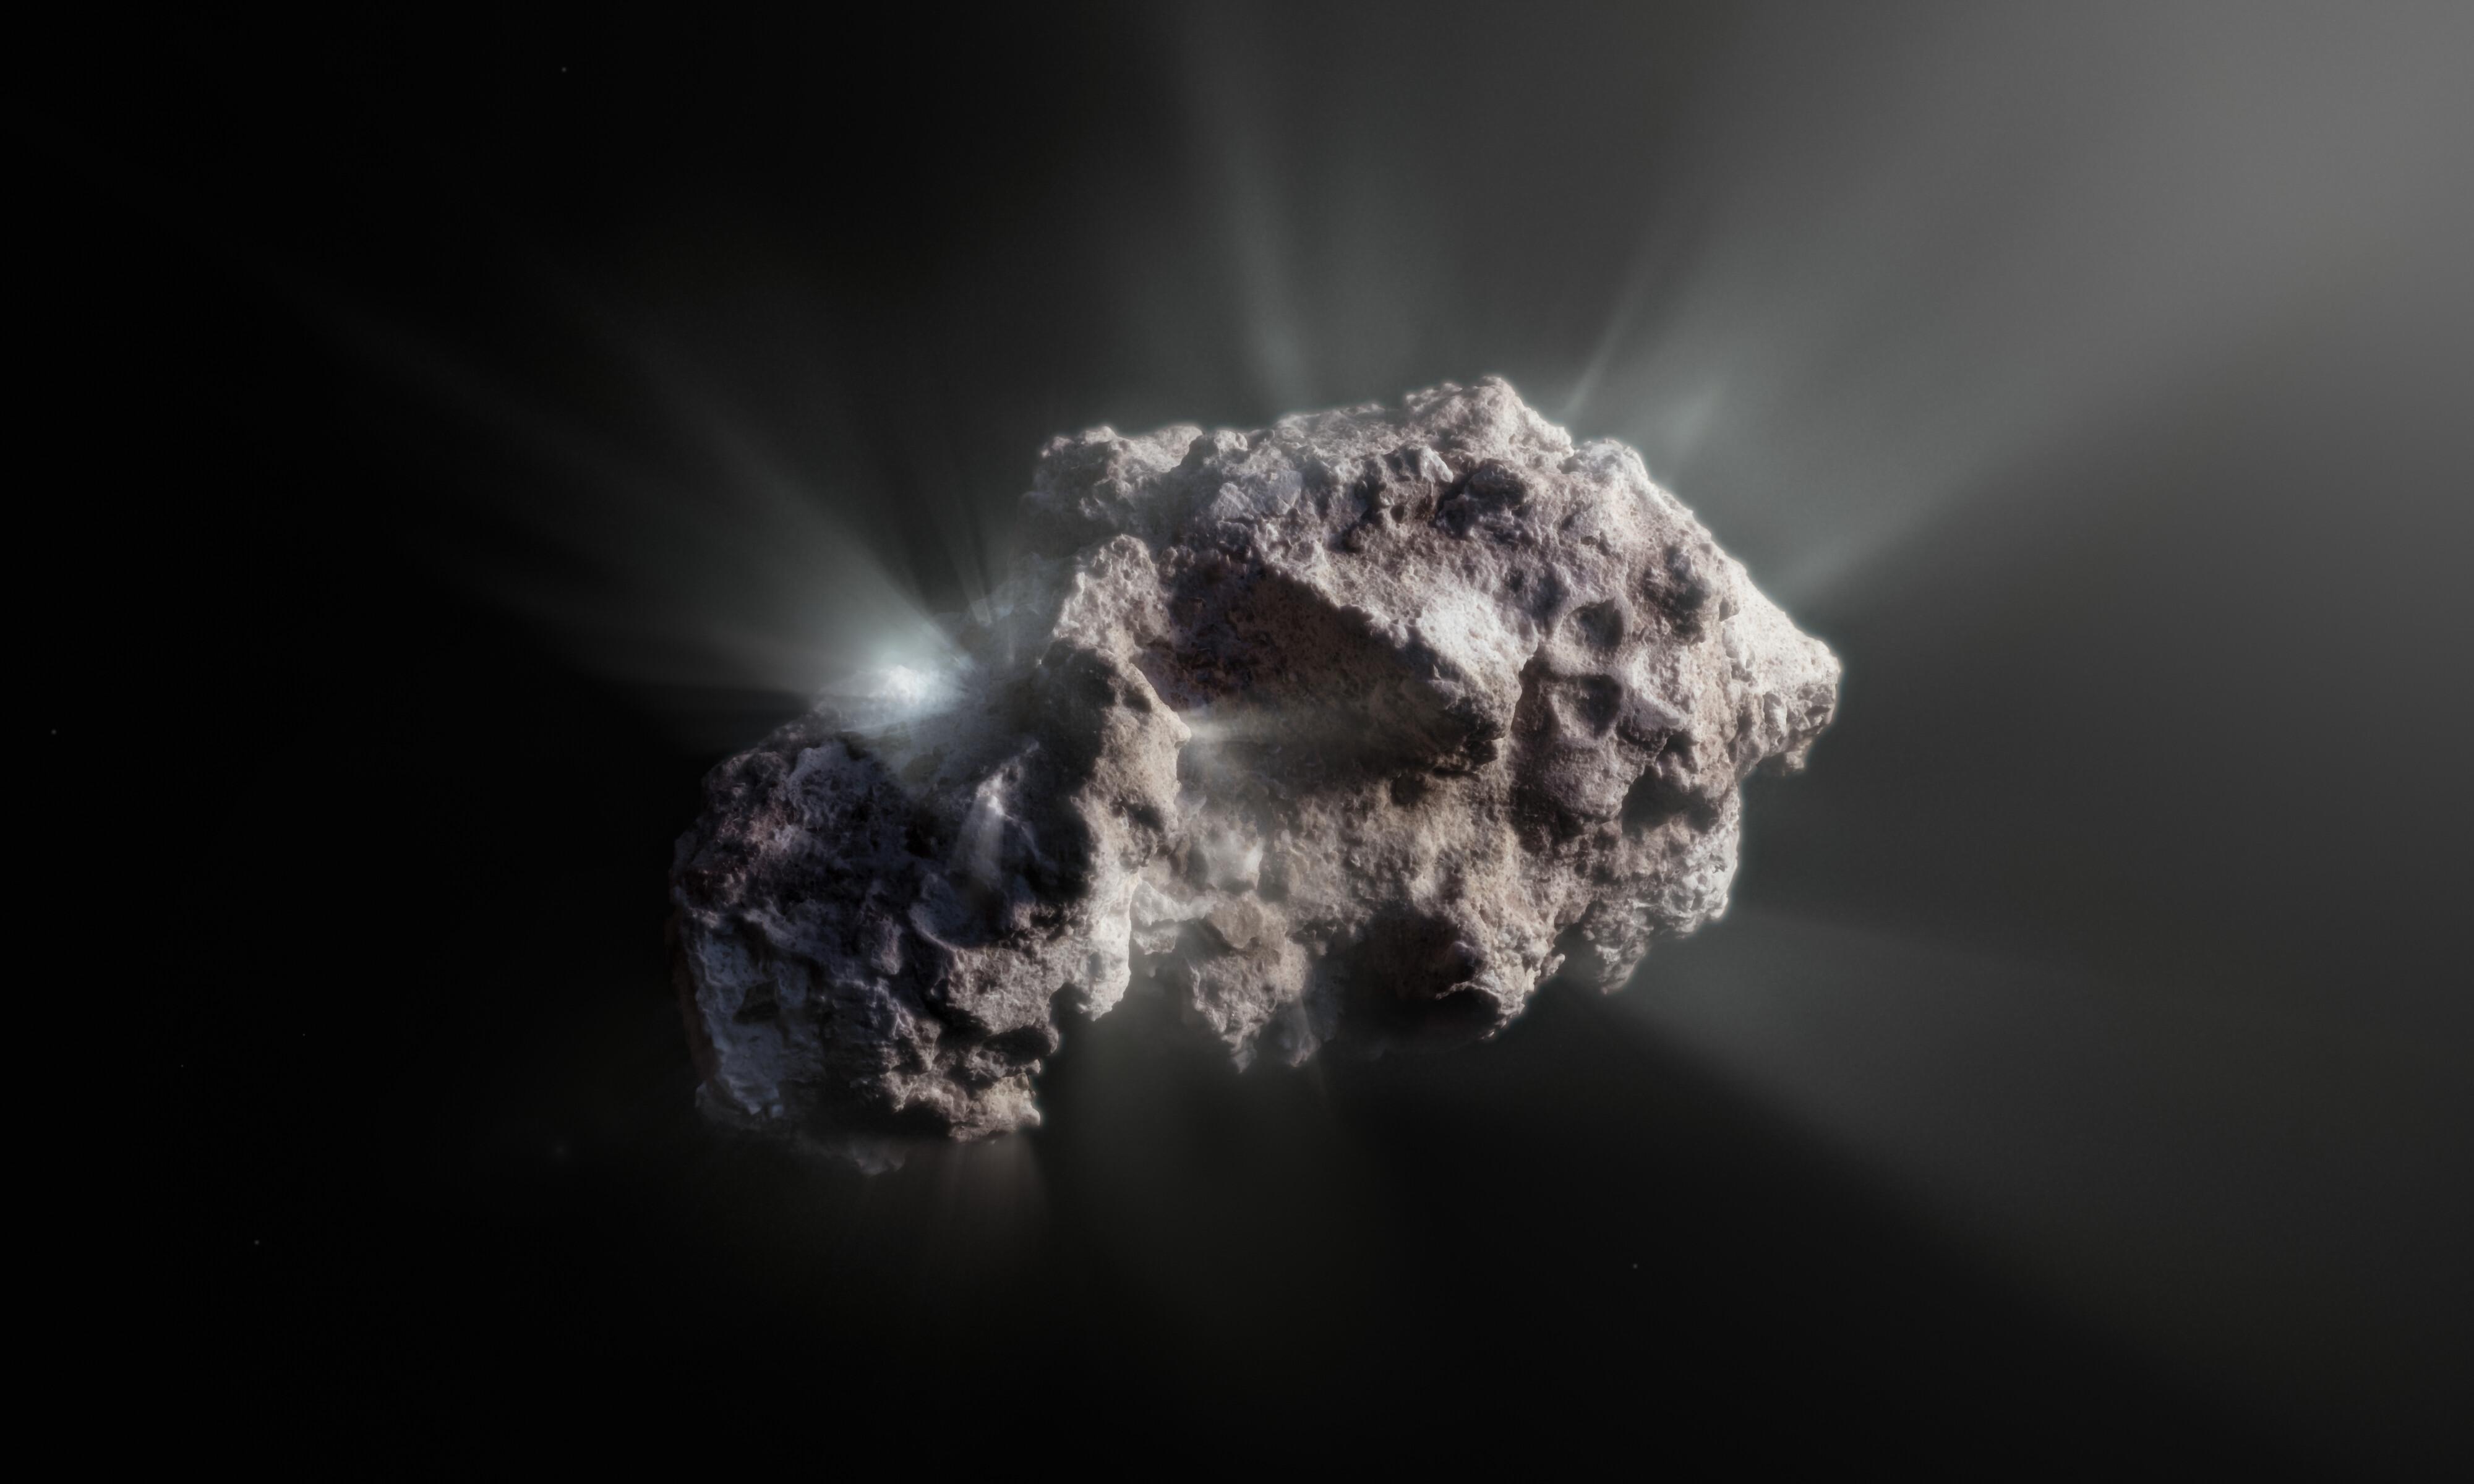 comet 2I/borisov interstellar prestine